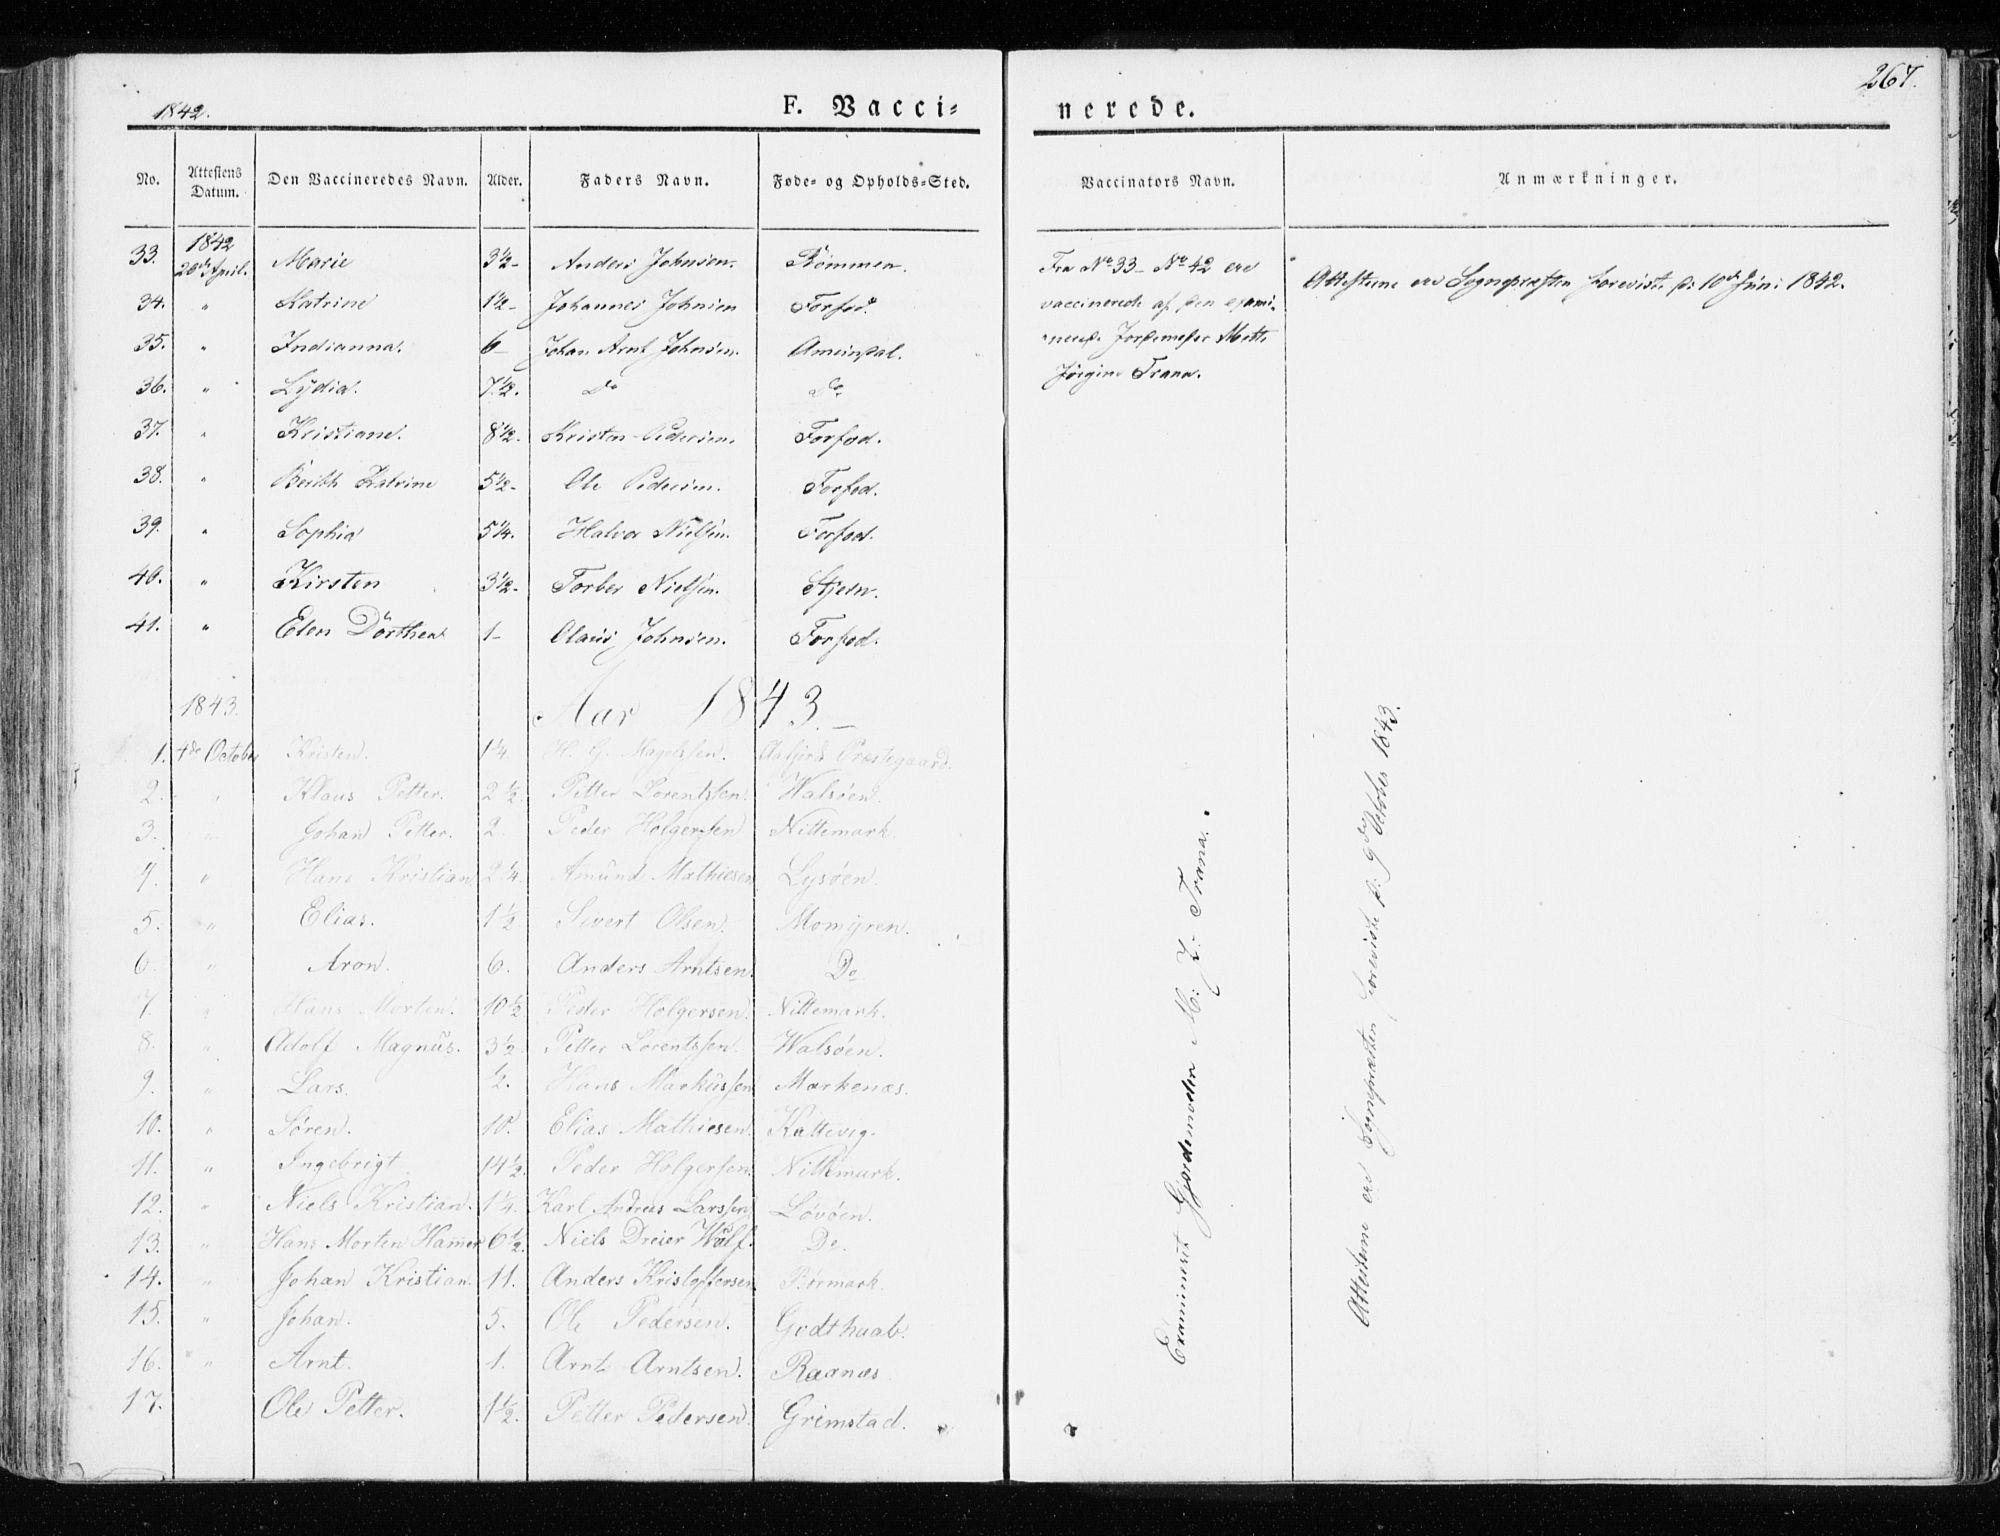 SAT, Ministerialprotokoller, klokkerbøker og fødselsregistre - Sør-Trøndelag, 655/L0676: Ministerialbok nr. 655A05, 1830-1847, s. 267